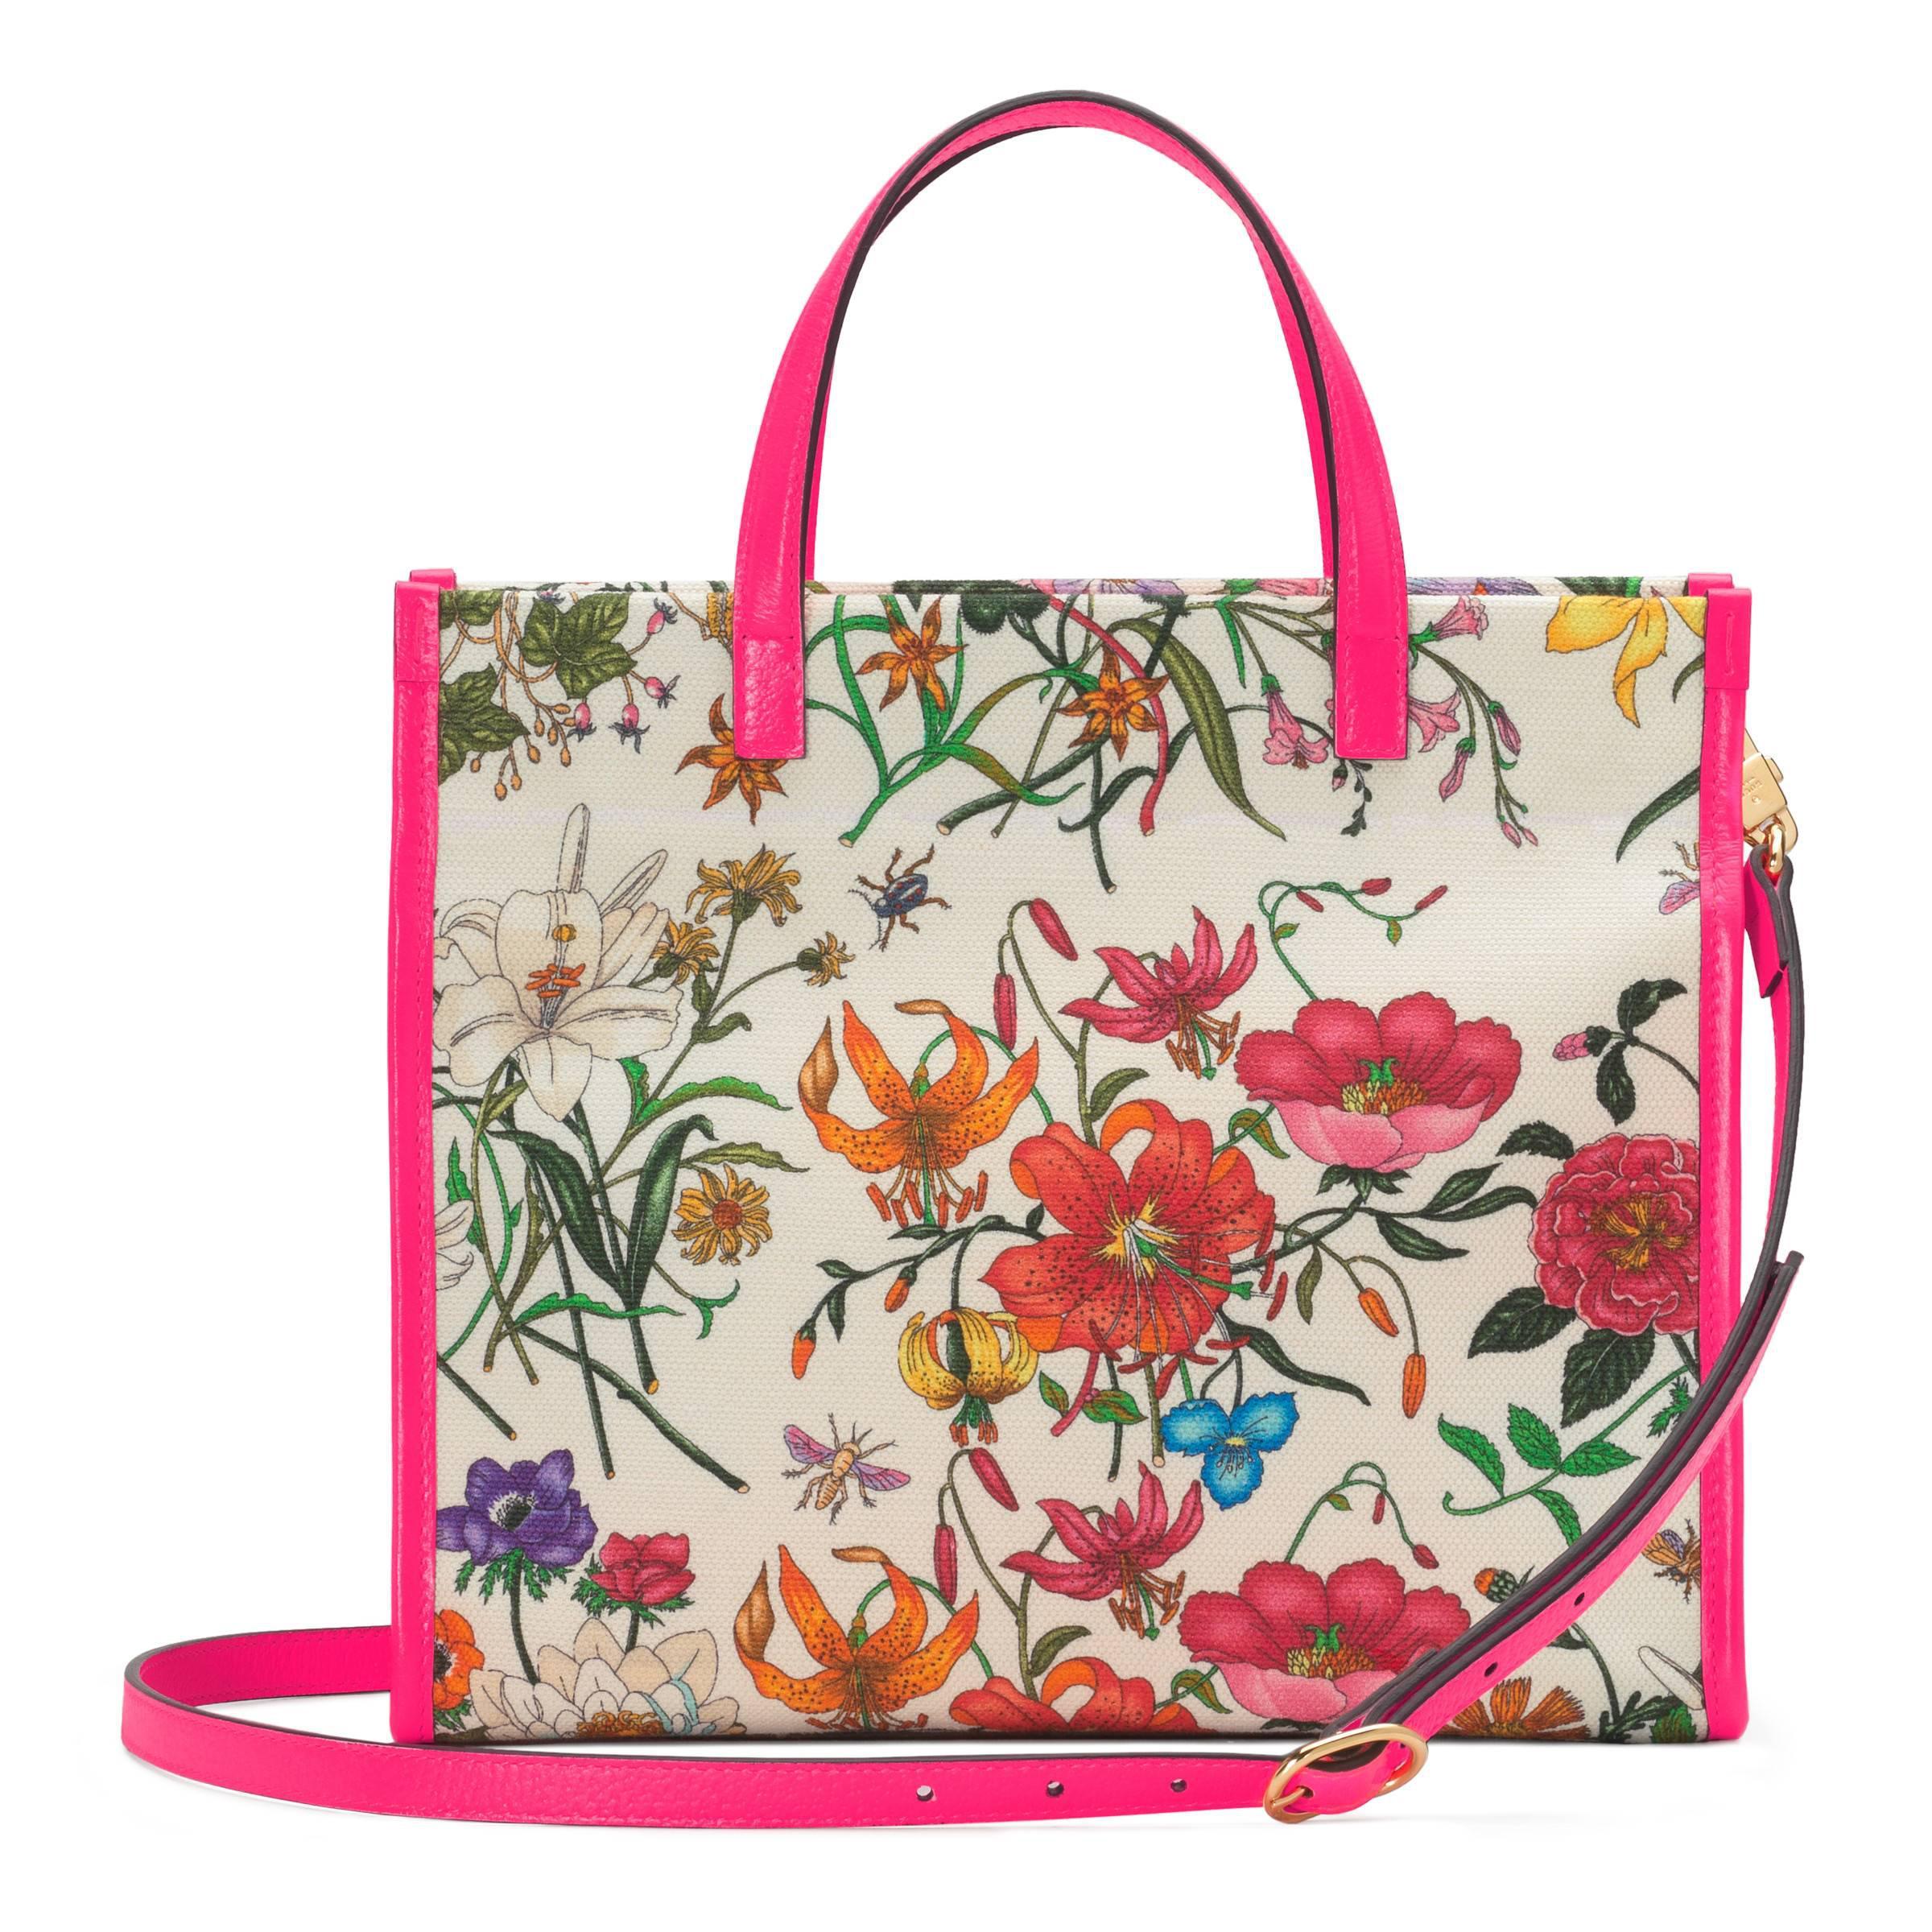 33dfb614a88 Gucci - Multicolor Medium Flora Tote Bag - Lyst. View fullscreen